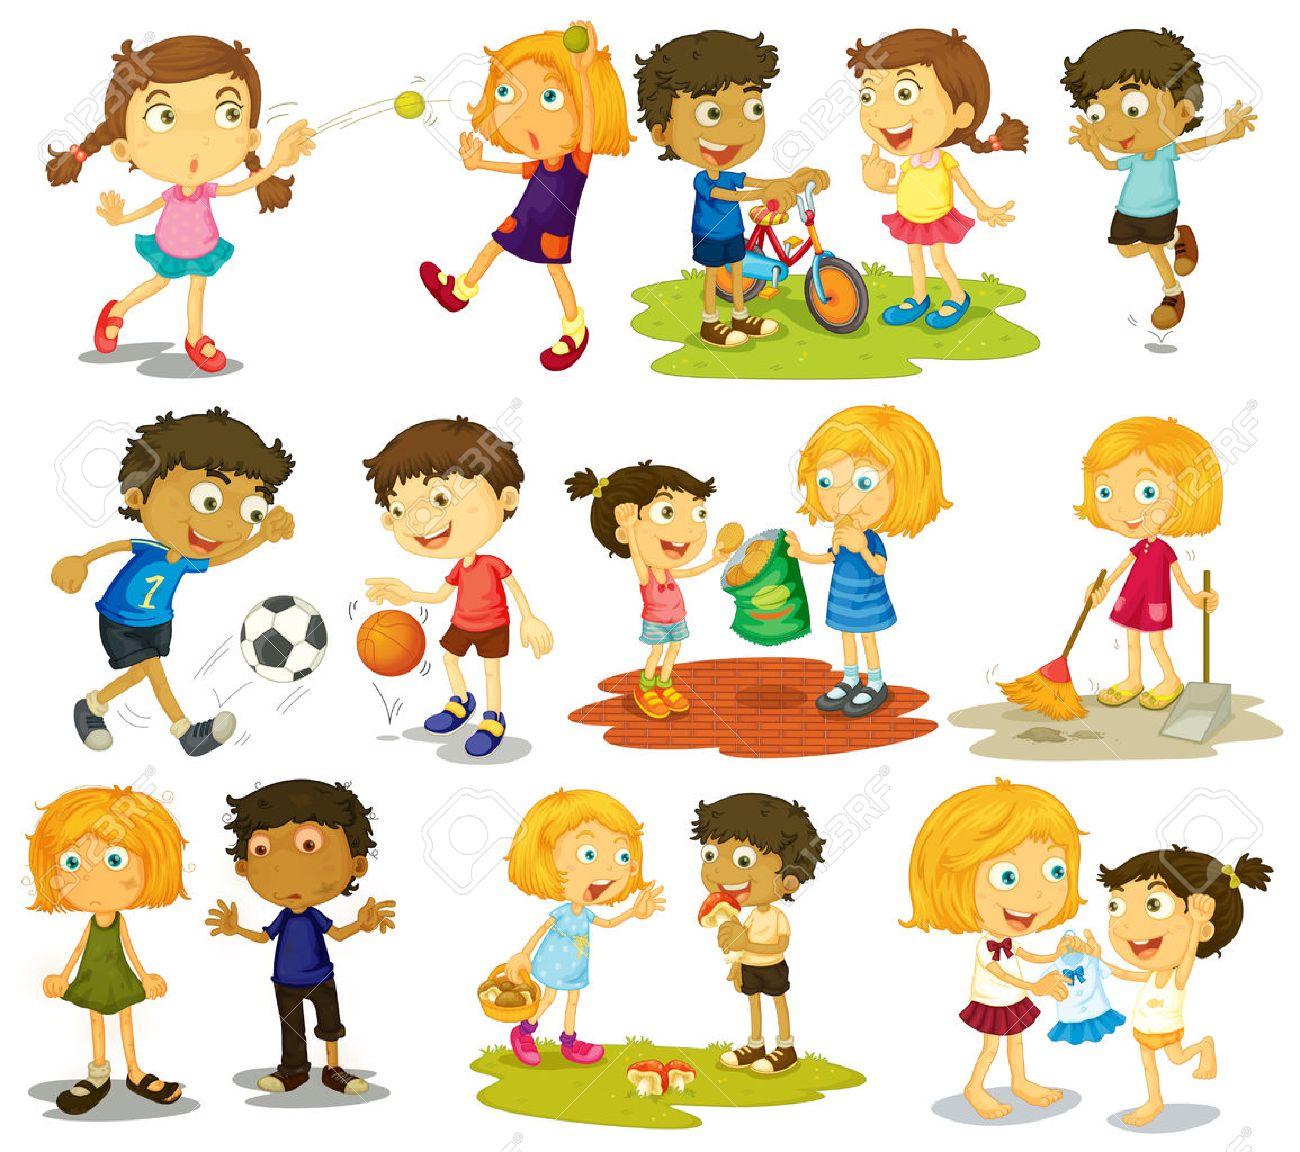 種類のスポーツや活動をやっている子供たちのイラスト ロイヤリティ